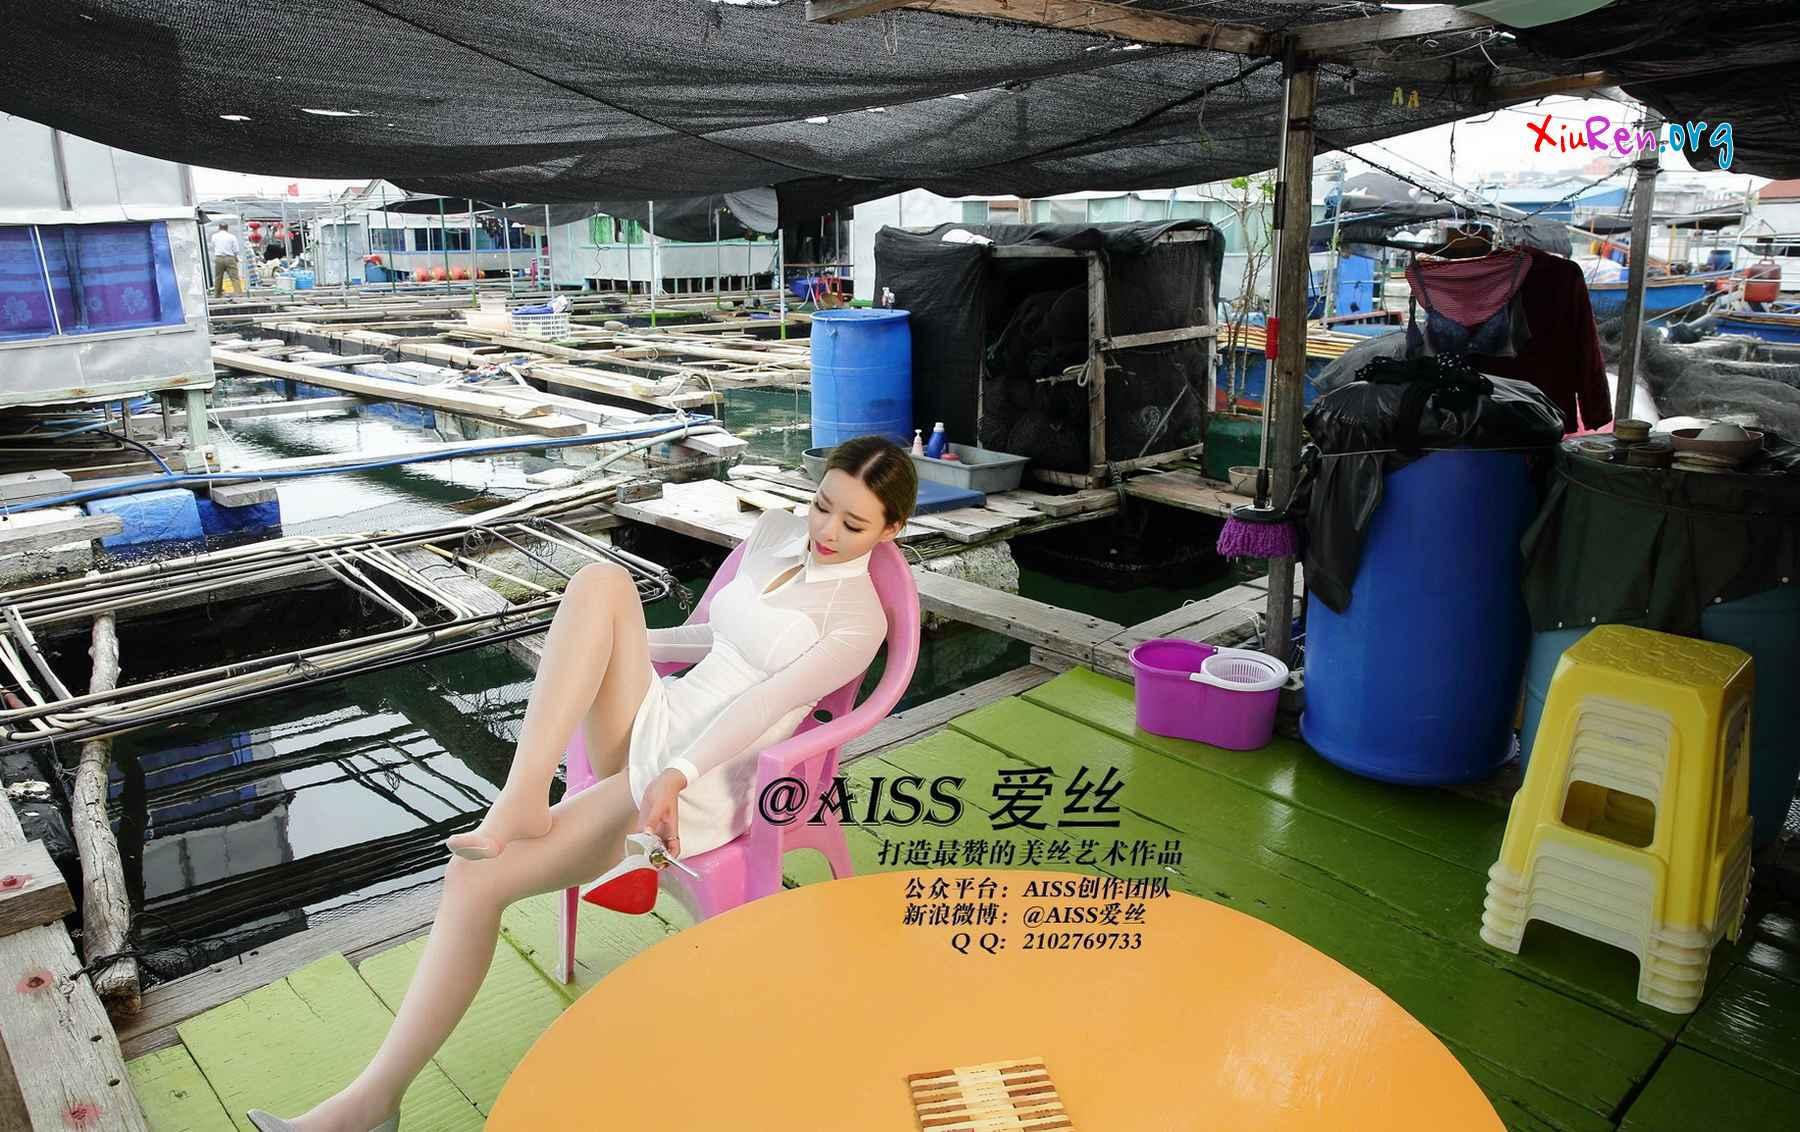 渔人码头---索菲 - 无题 - 无题的博客